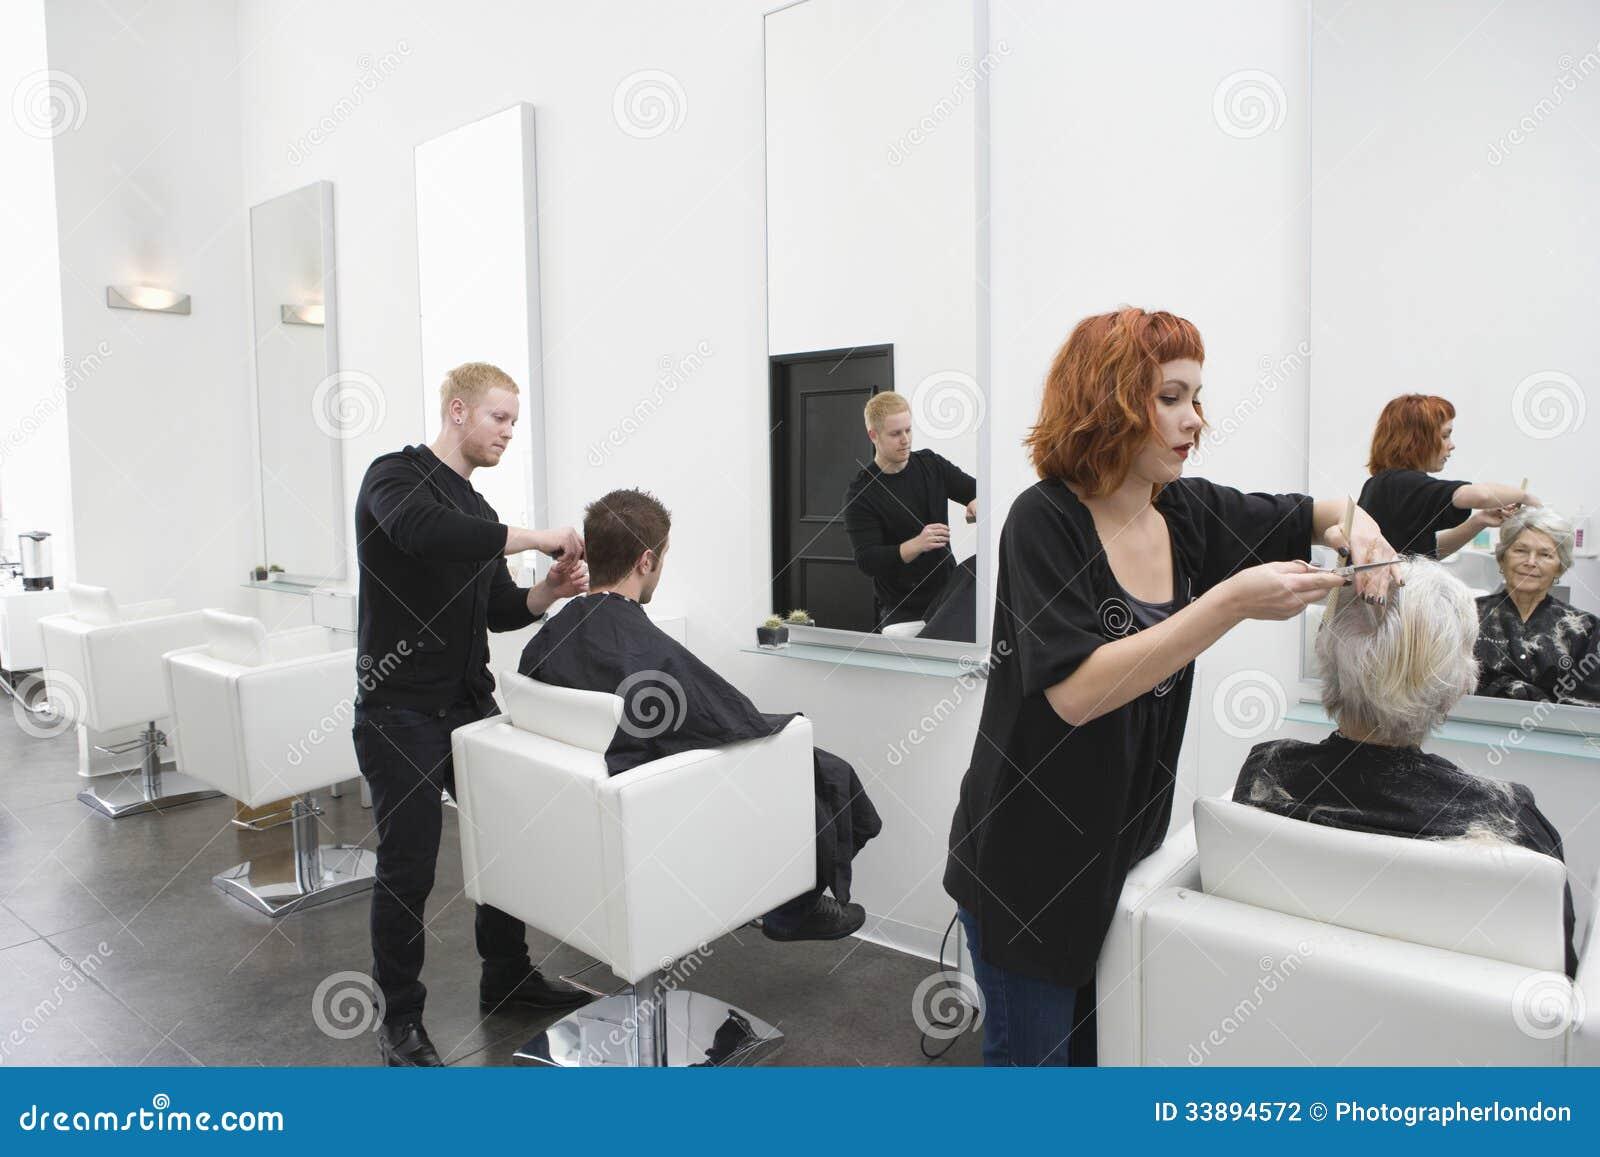 Coiffeurs donnant la coupe de cheveux aux clients